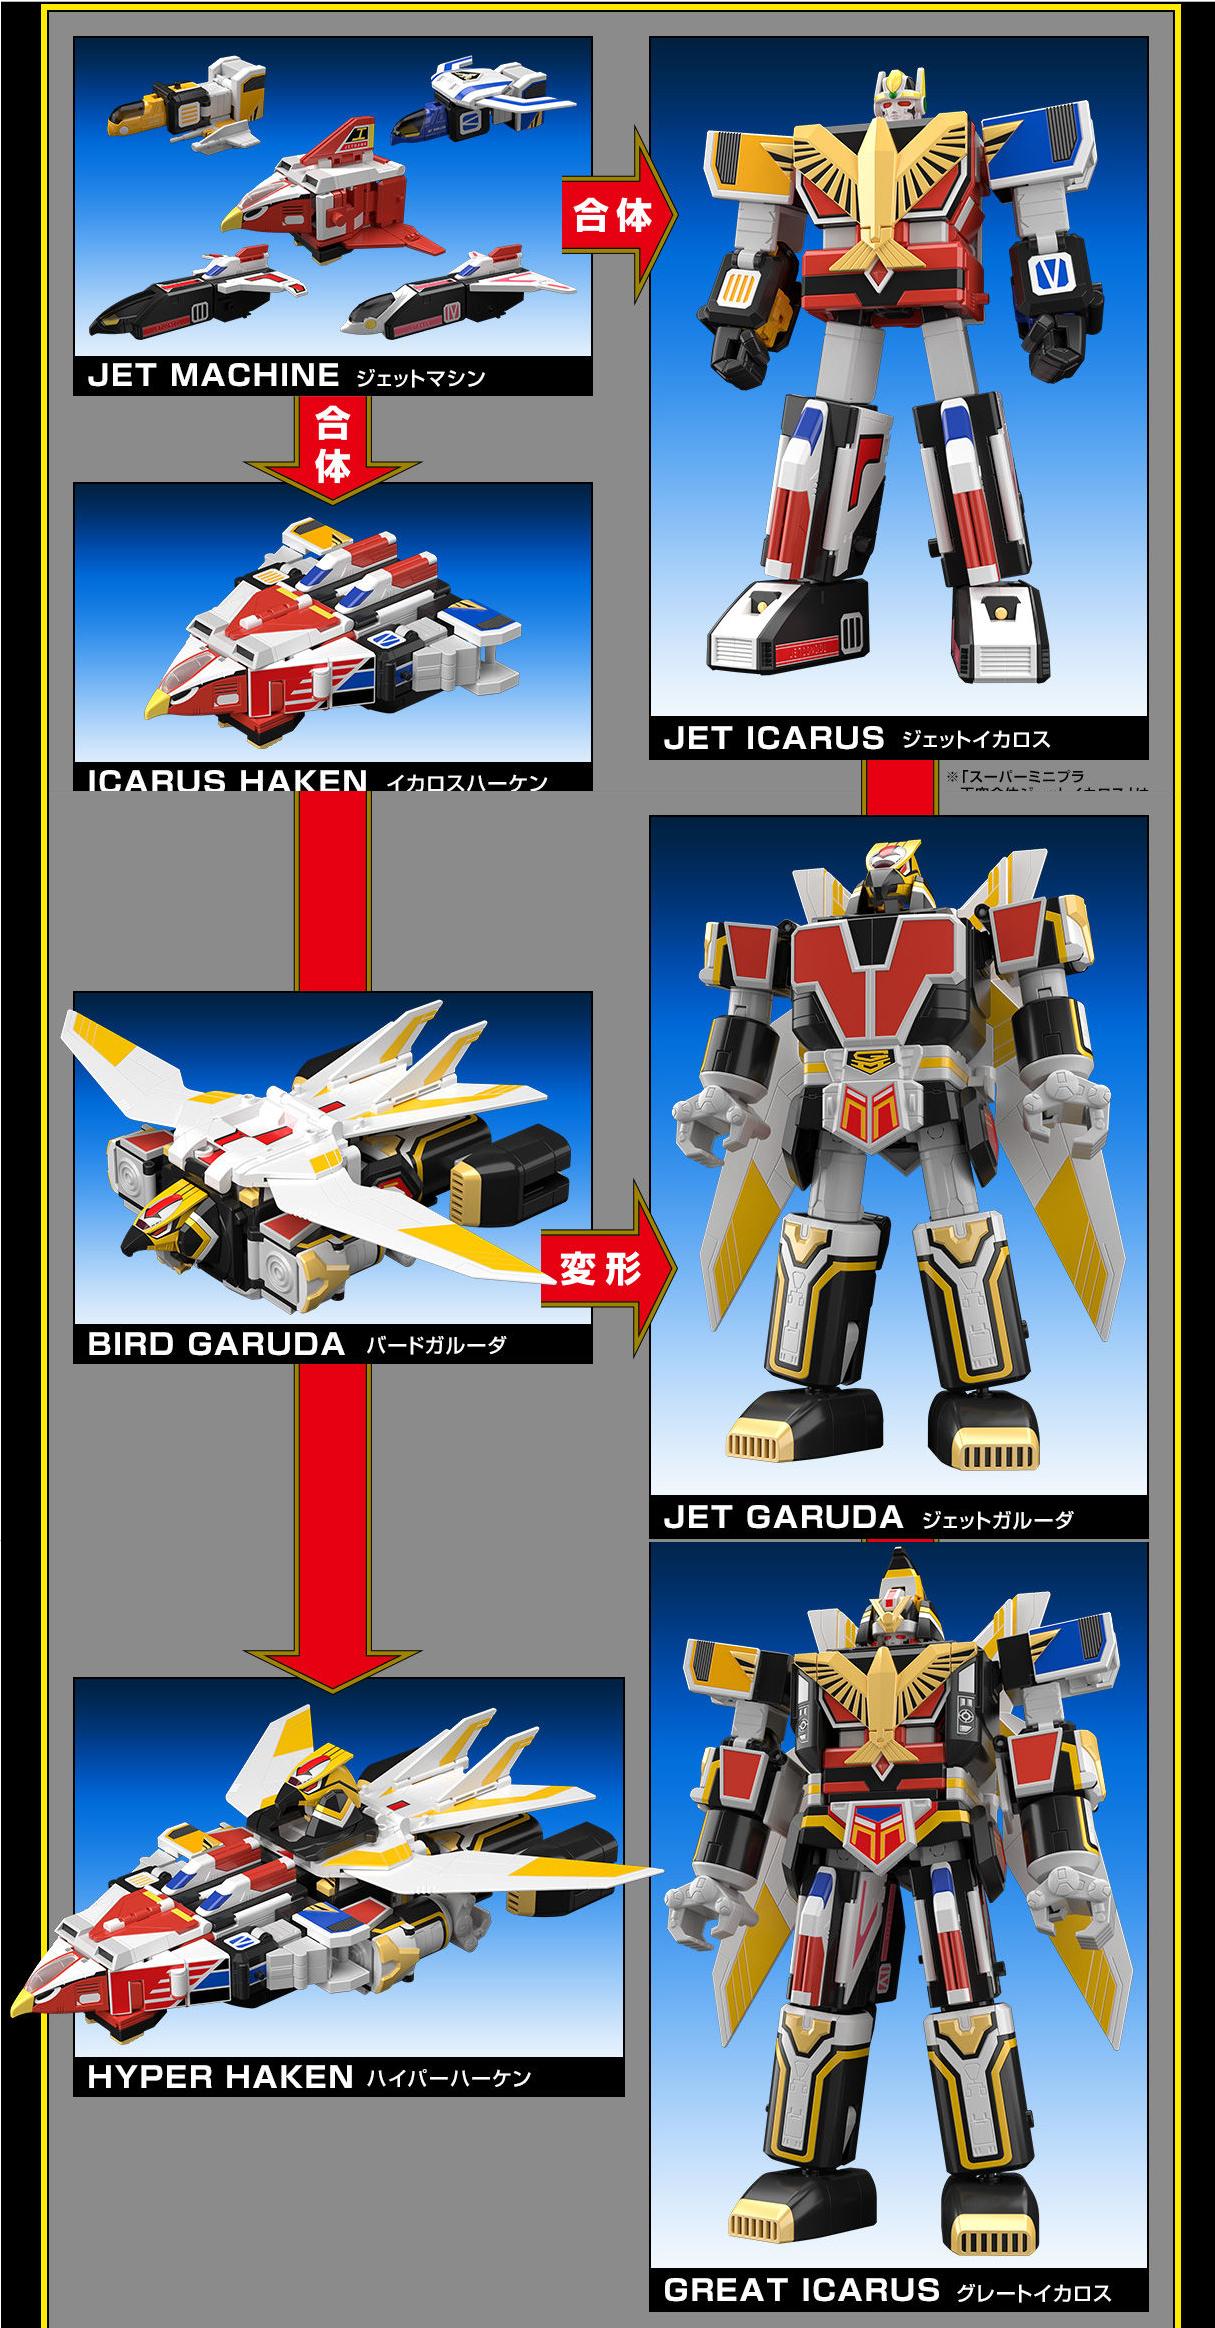 Super Minipla Great Icarus (3)